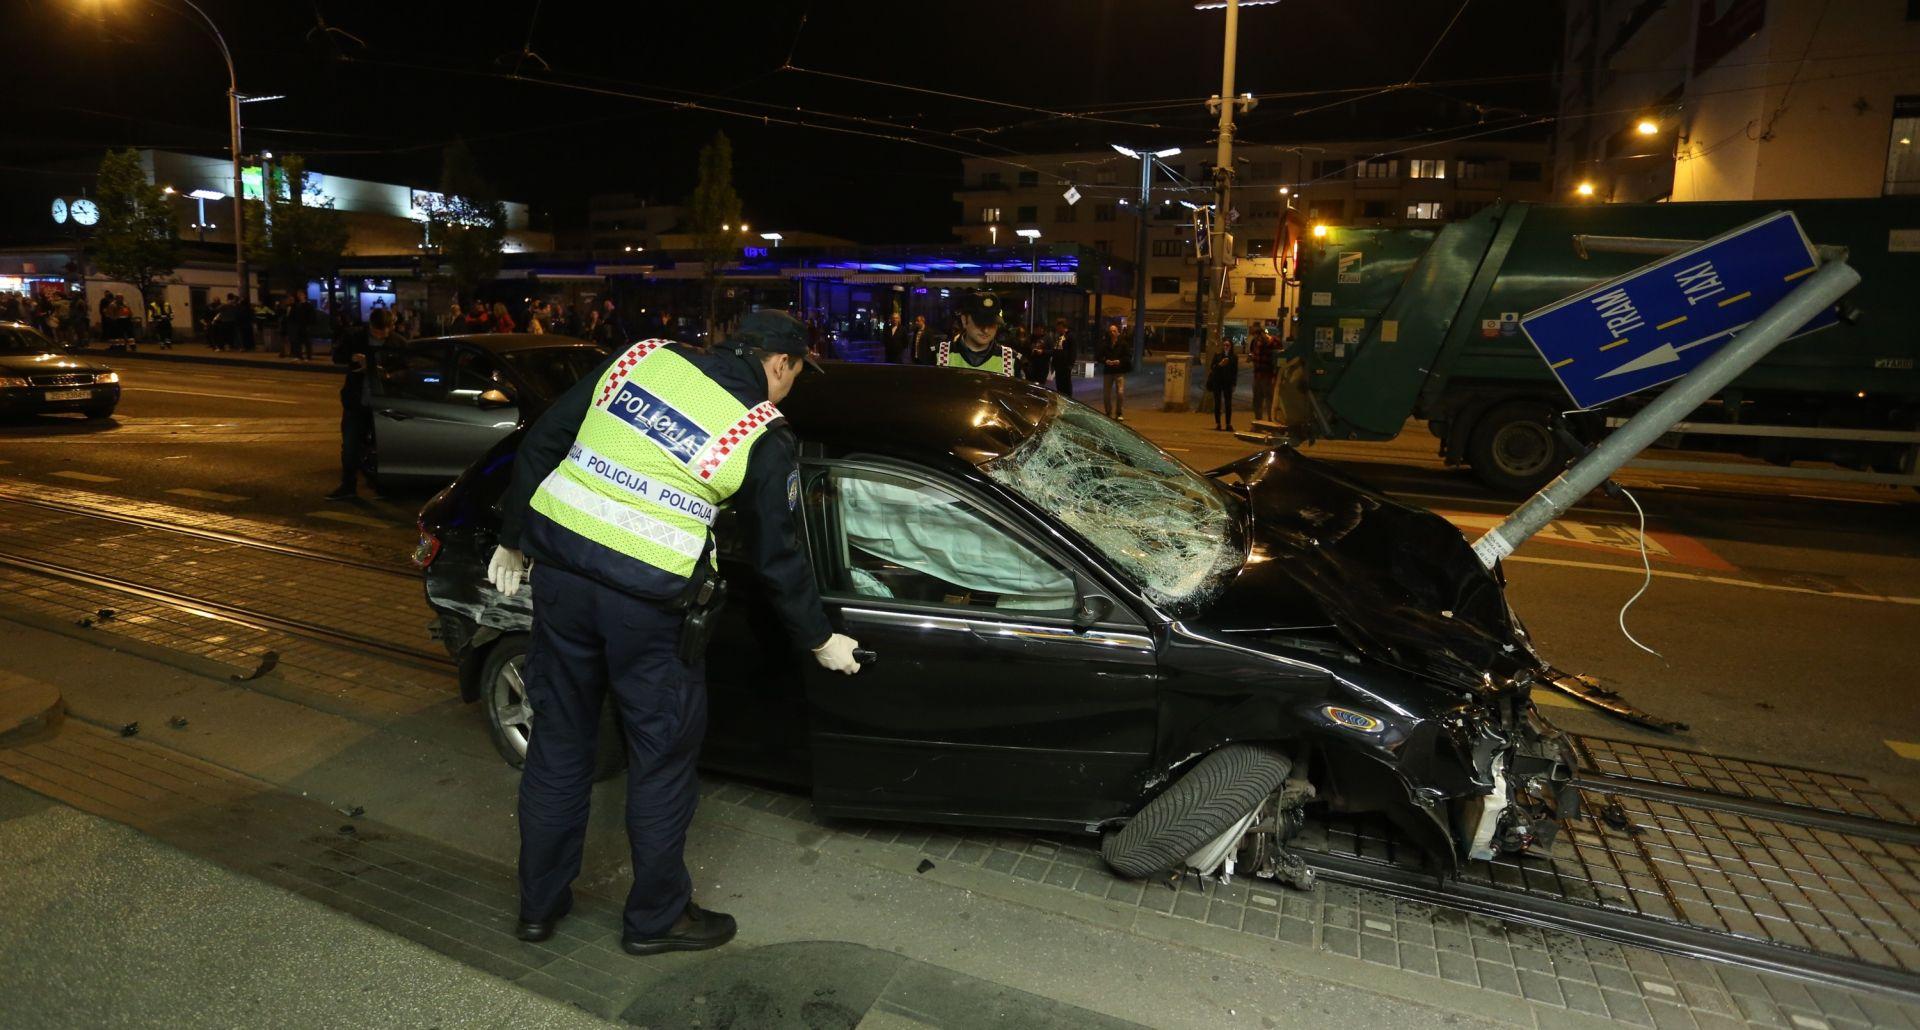 DETALJI NESREĆE NA KVATERNIKOVOM TRGU Vozač sa 1.96 promila usmrtio pješakinju, pokušao pobjeći